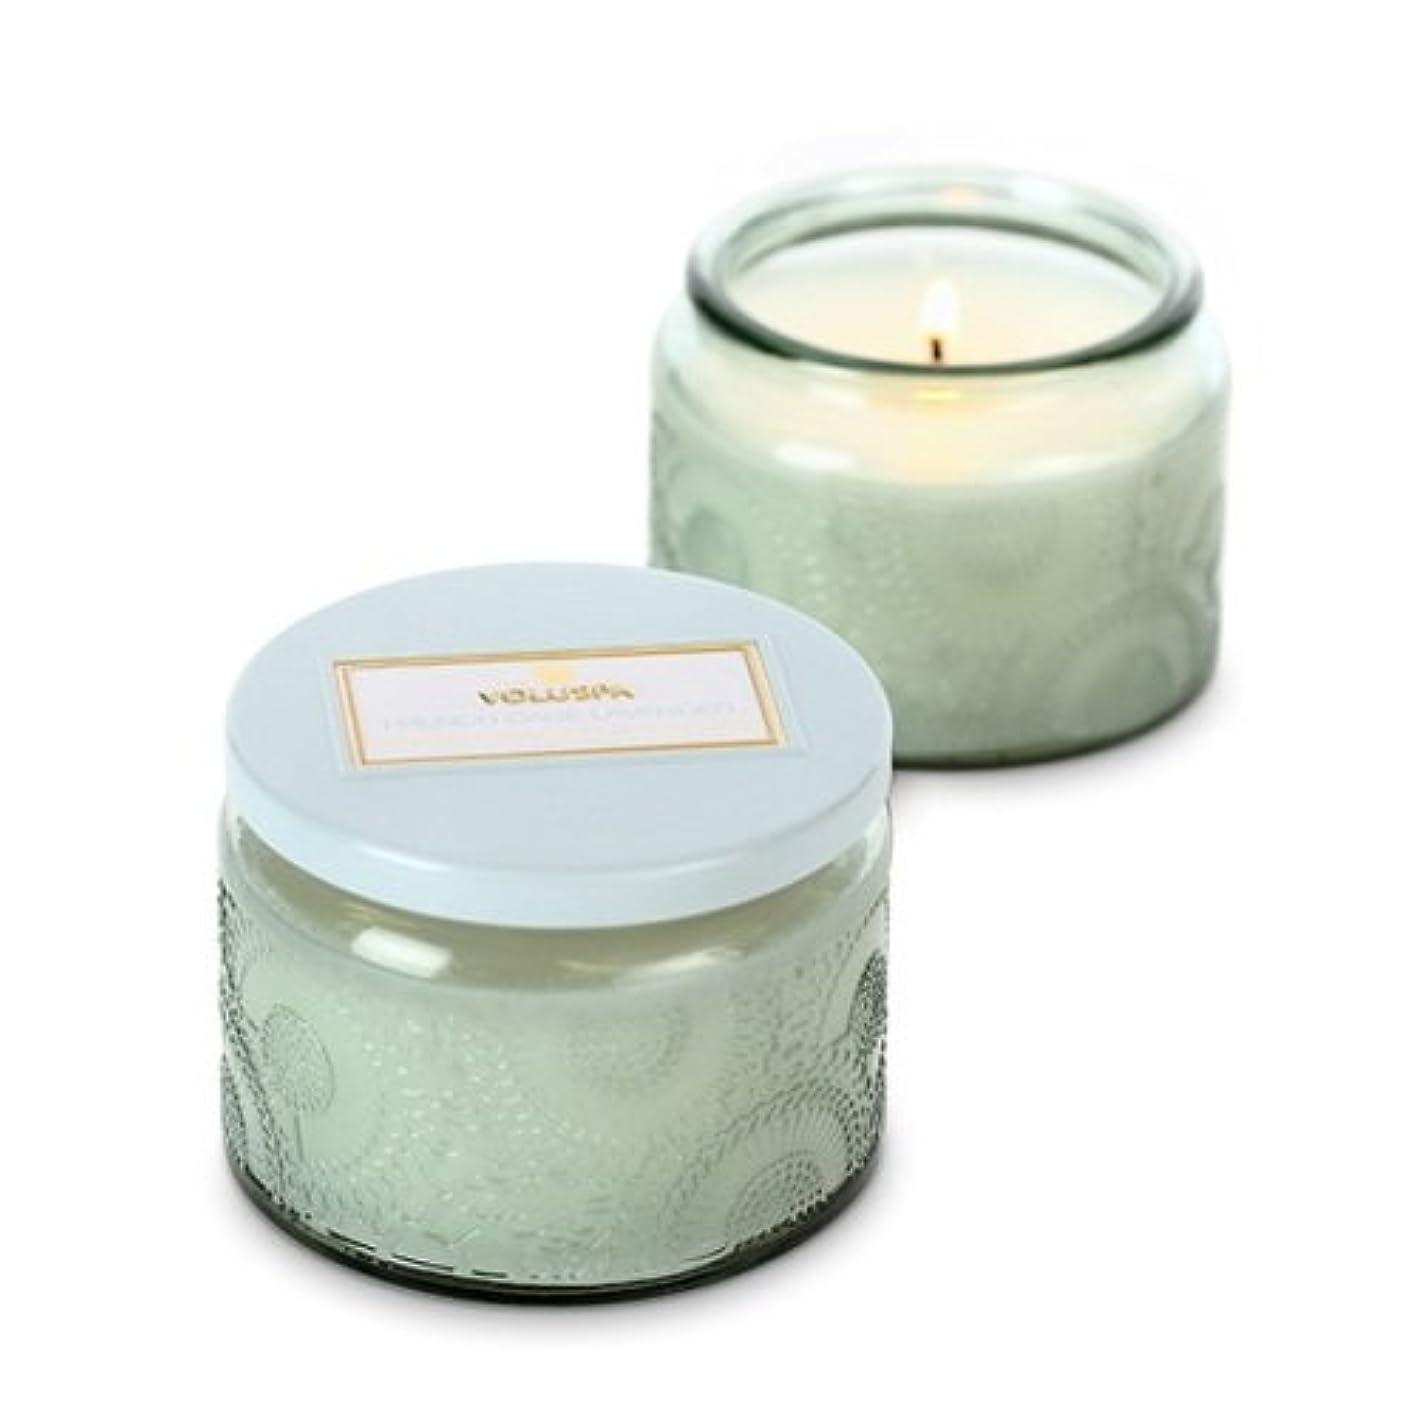 地図悲鳴煙突Voluspa ボルスパ ジャポニカ グラスジャーキャンドル S フレンチケード&ラベンダー JAPONICA Glass jar candle FRENCH CADE LAVENDER